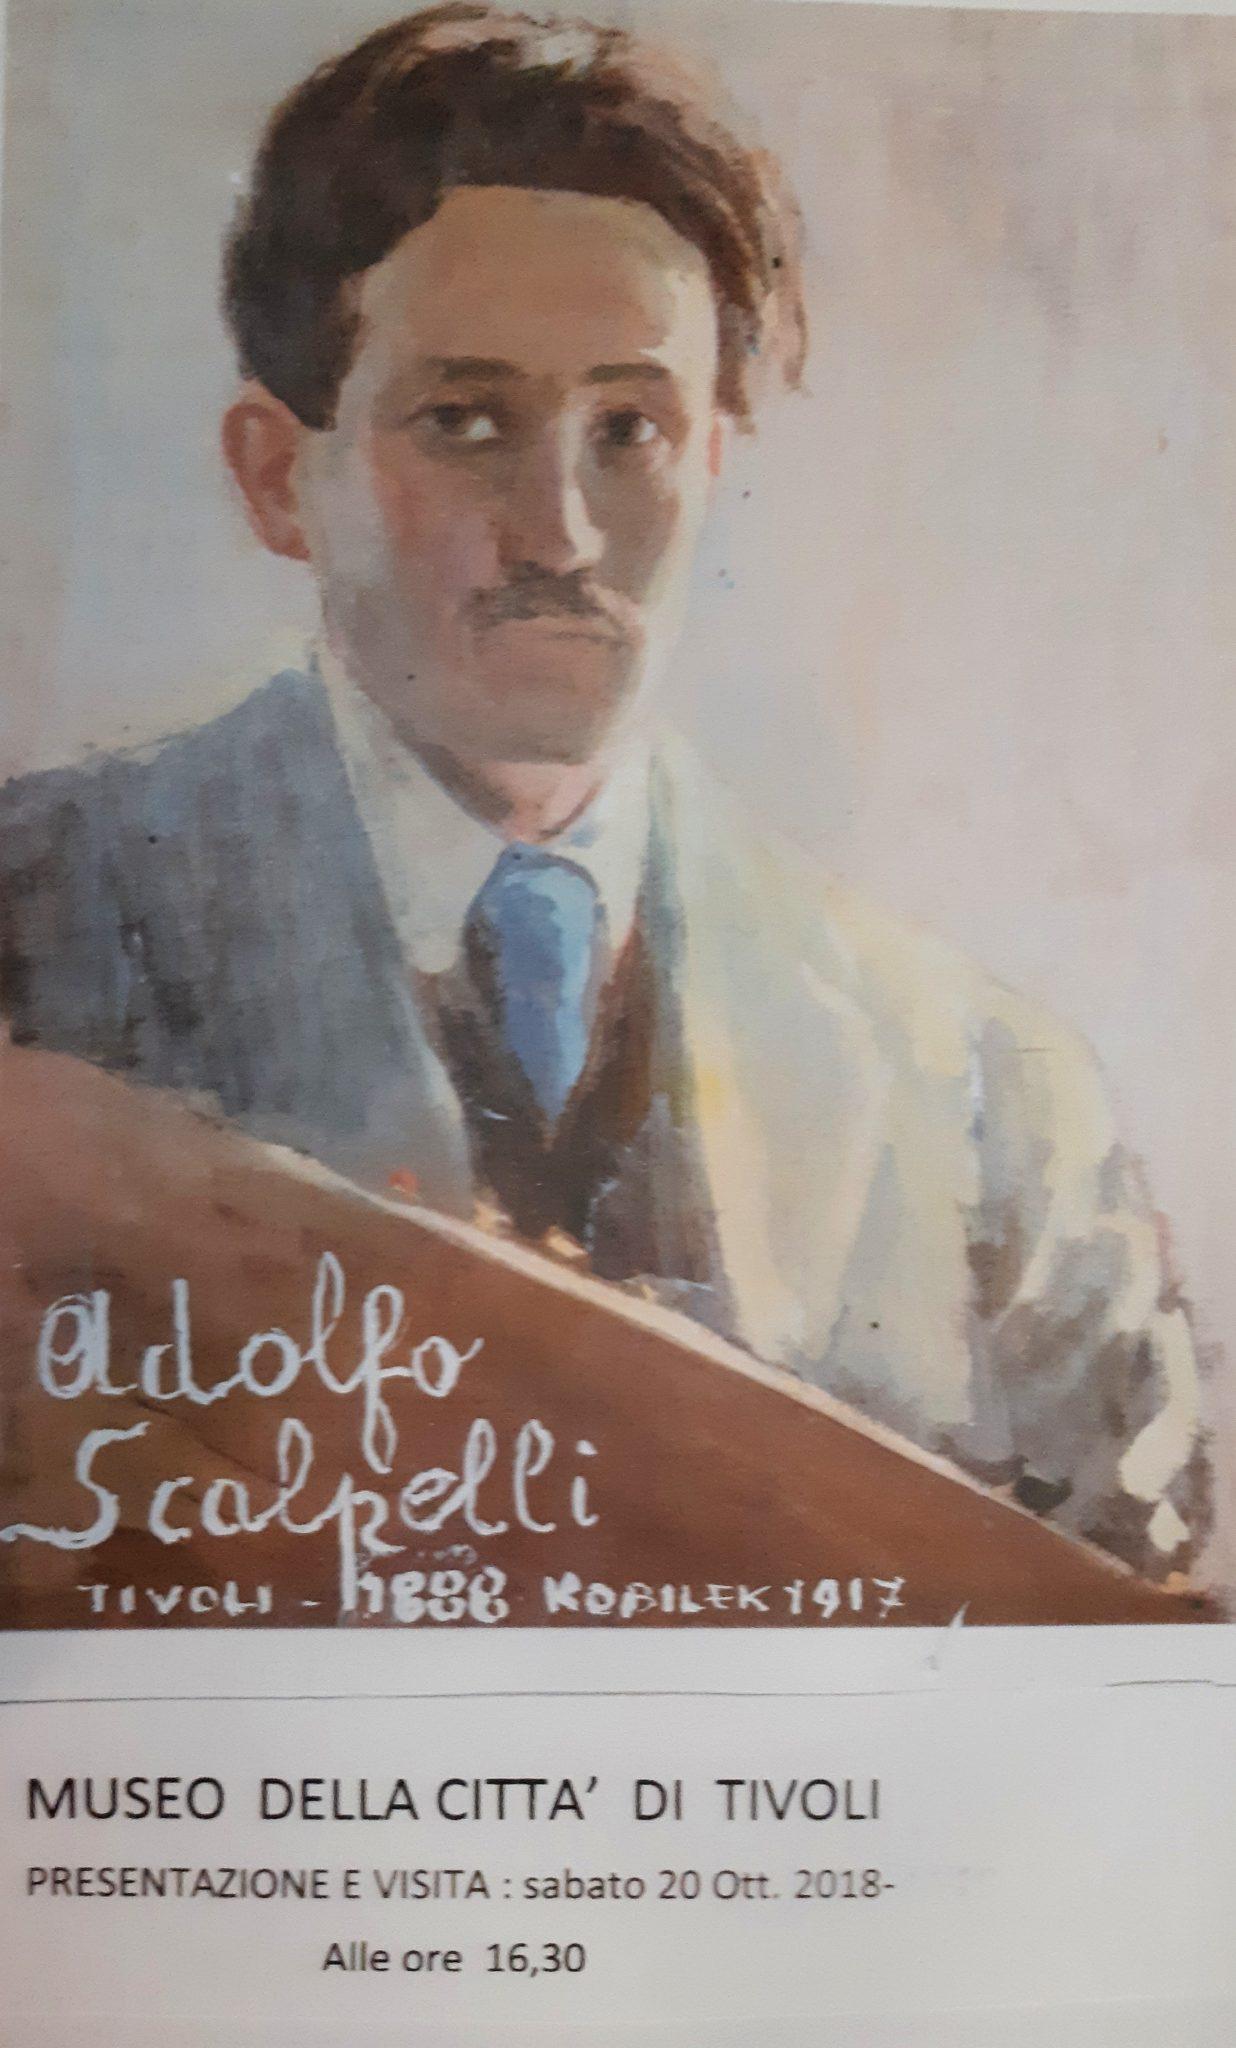 Diario Pittorico. Tivoli celebra l'artista tiburtino Adolfo Scalpelli